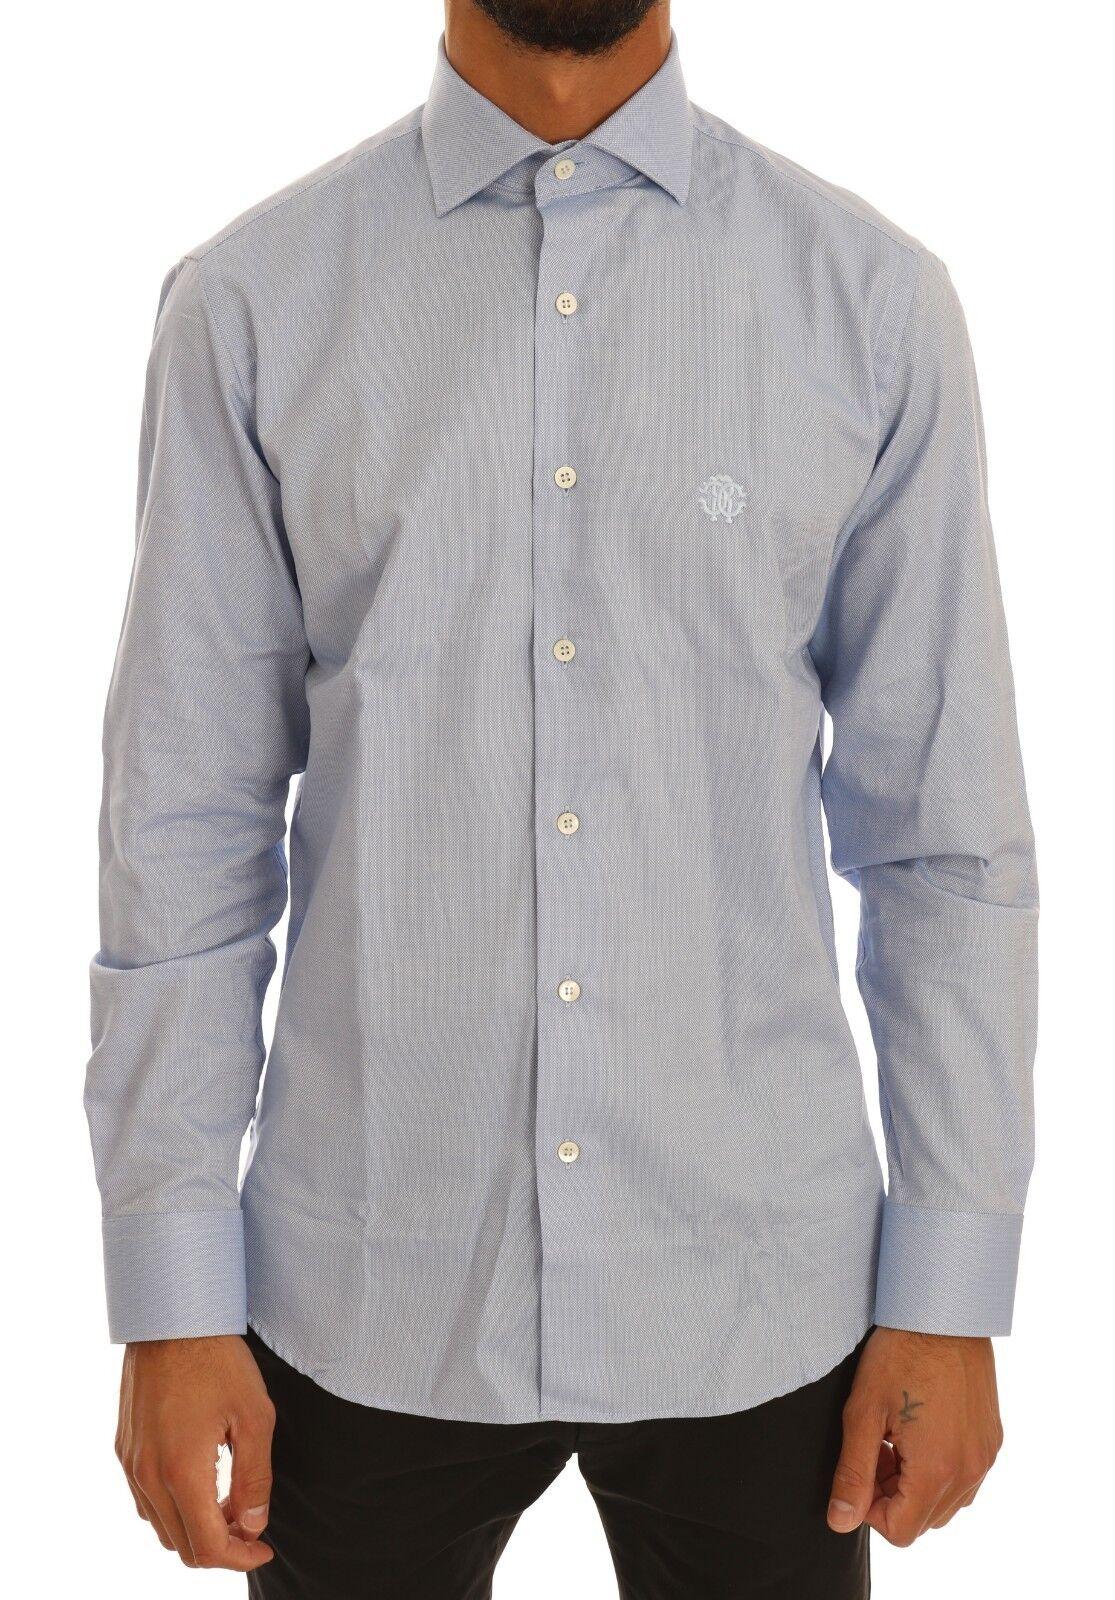 e58df1661 NEW ROBERTO CAVALLI Shirt Dress Formal bluee Cotton Slim Fit IT43 US17 XXL